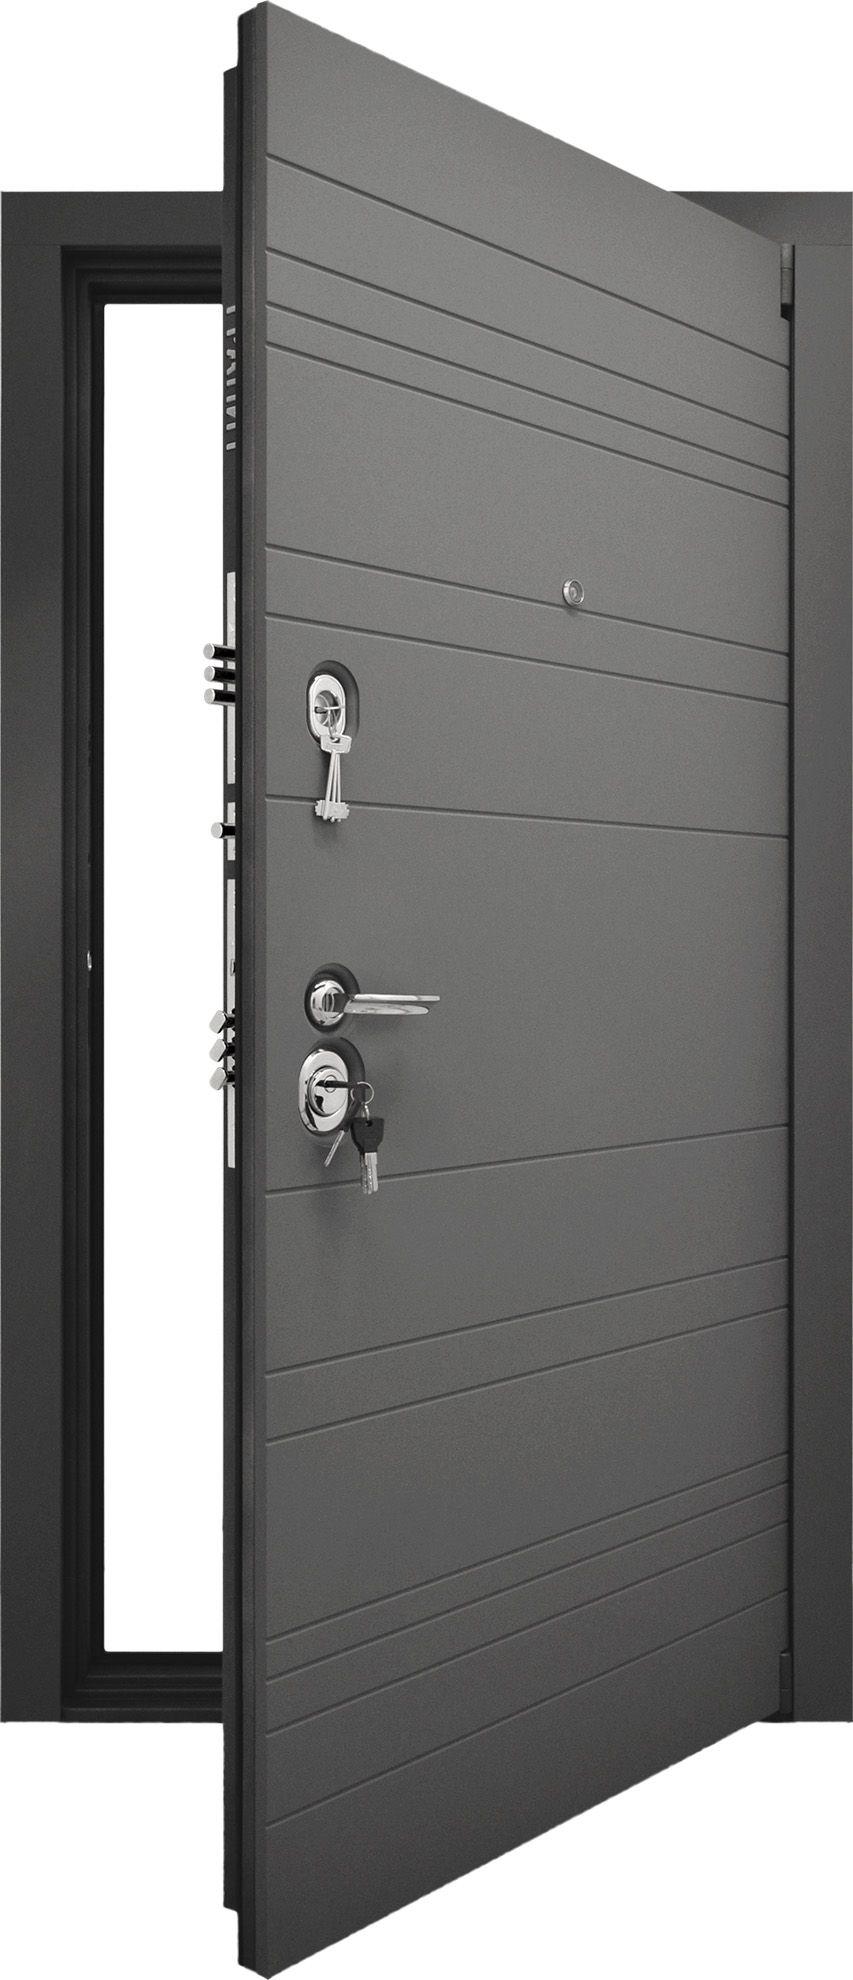 Входная дверь Гранит С9 вид снаружи